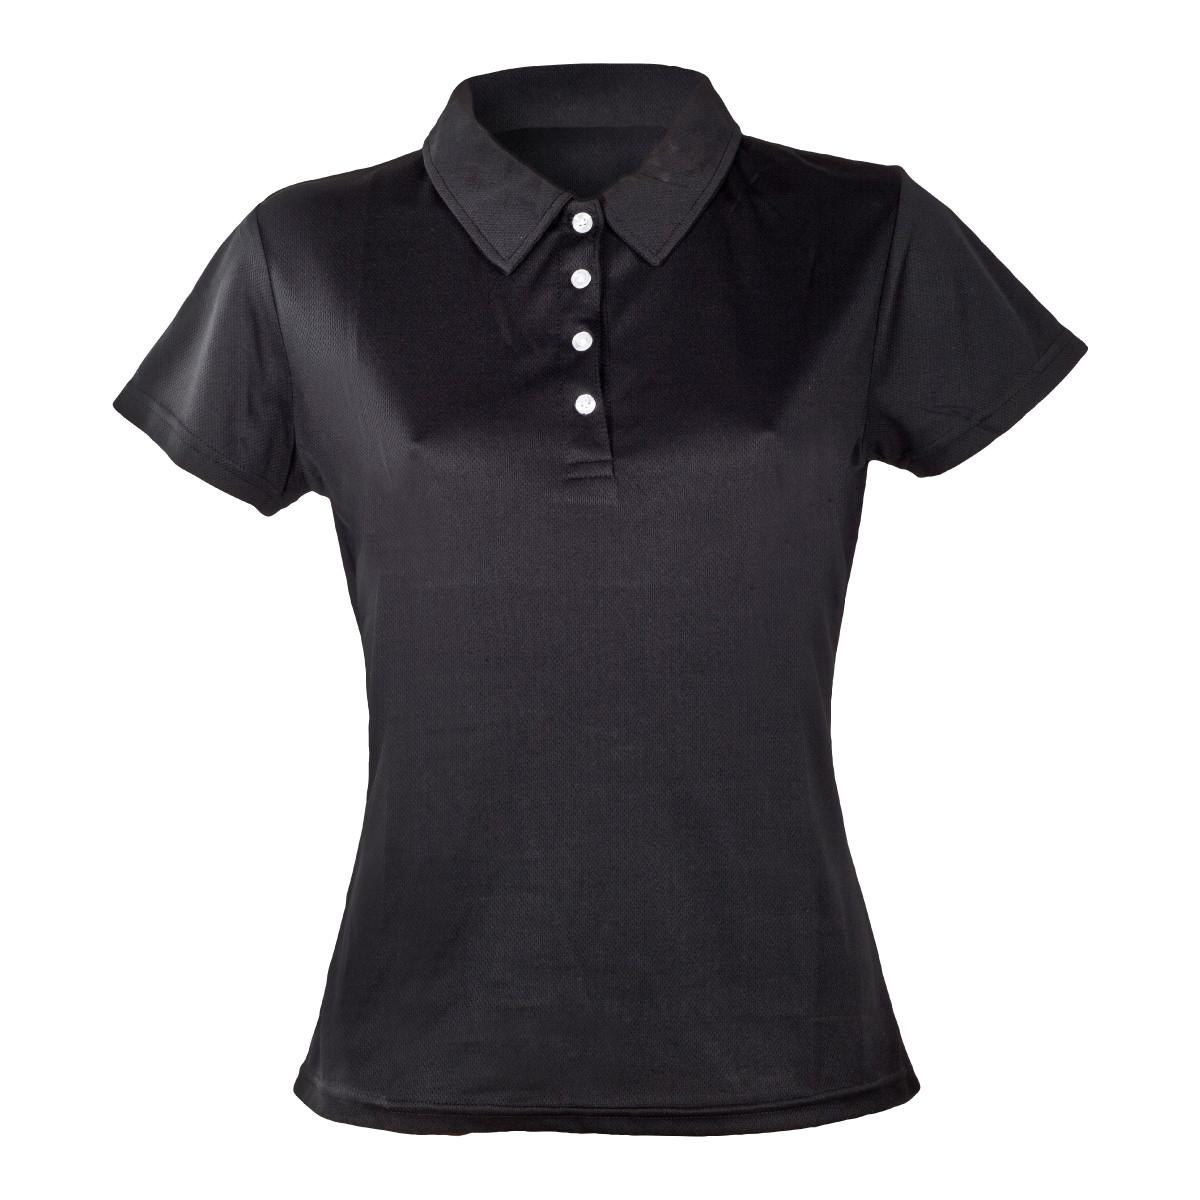 חולצת פולו DRY-FIT גזרת נשים - גולף נשים